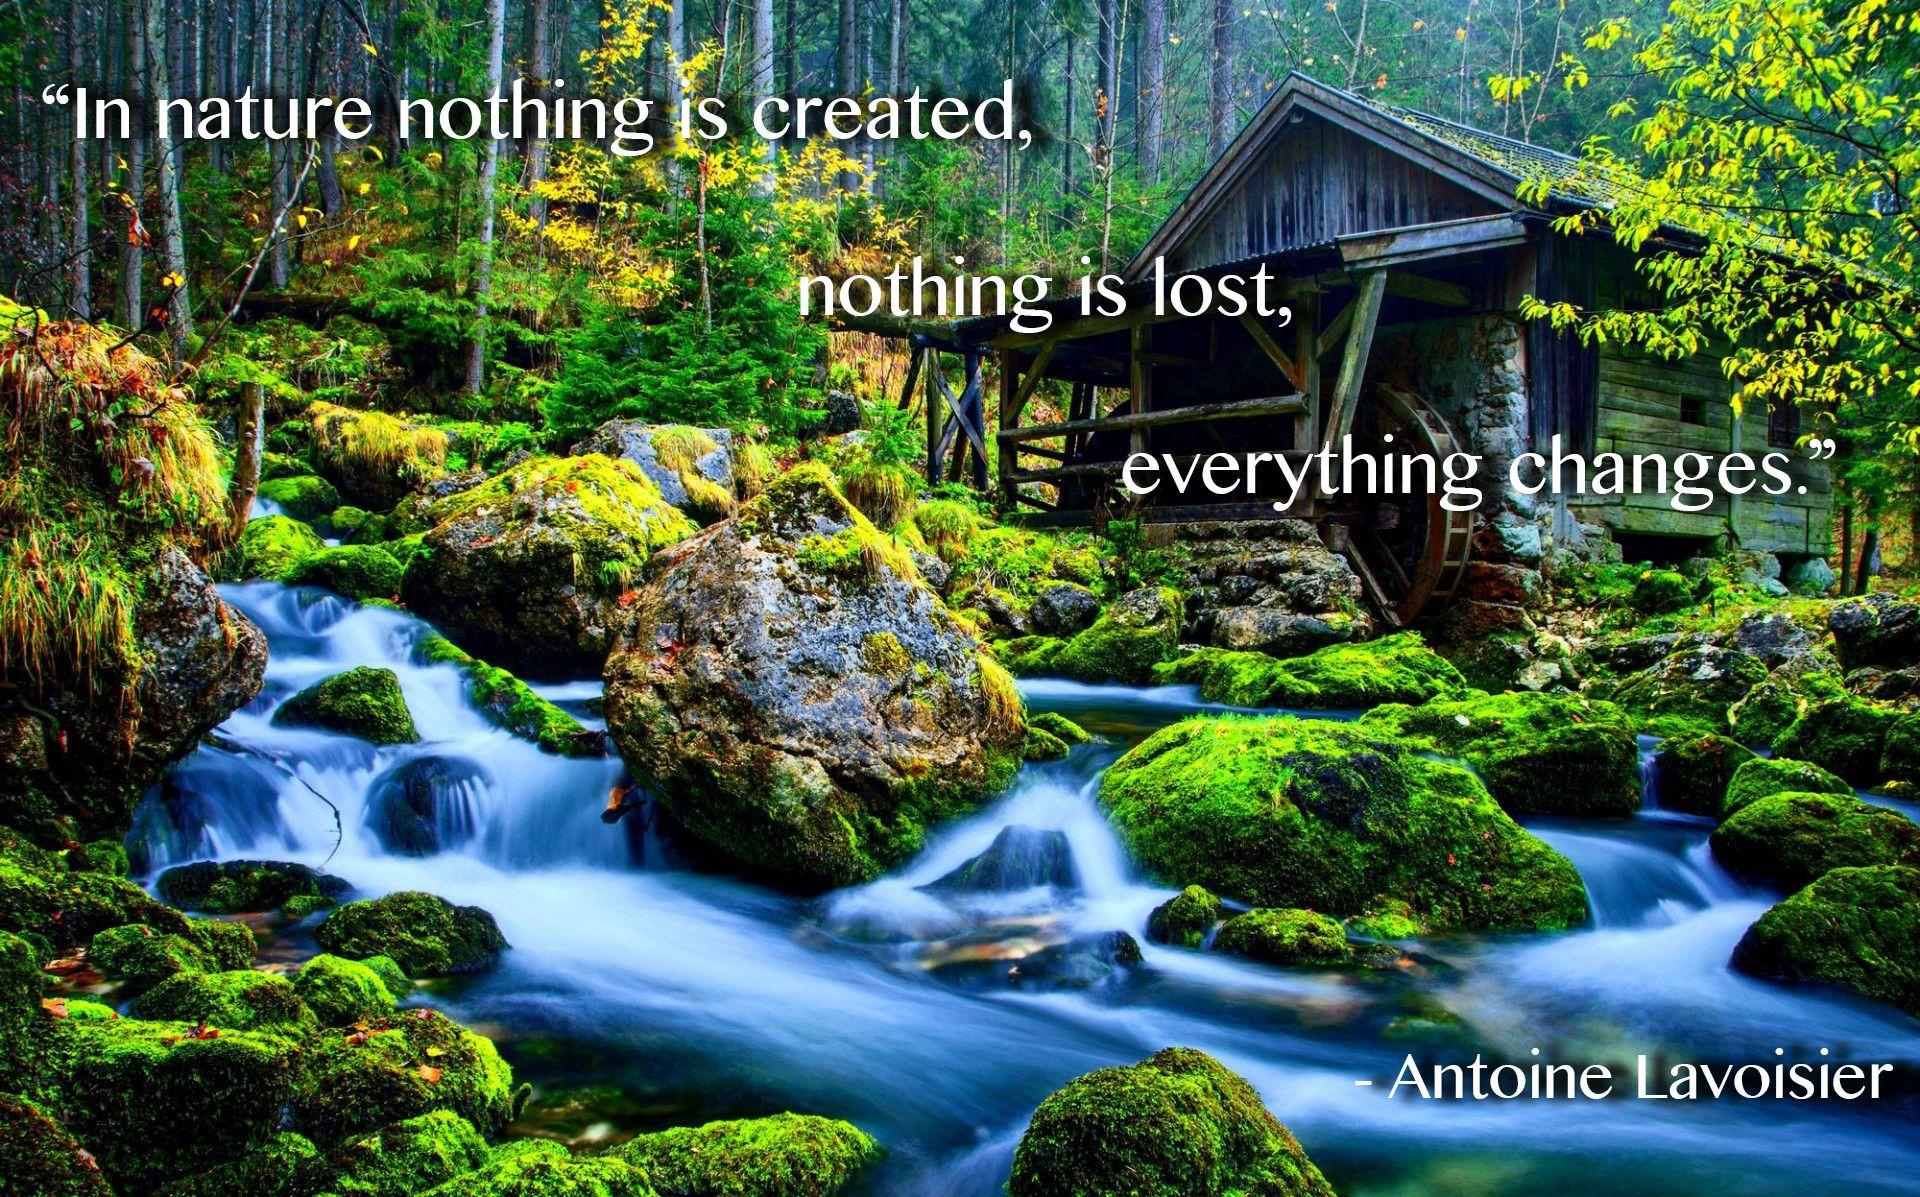 Wonderful Quote! #nature #quotes